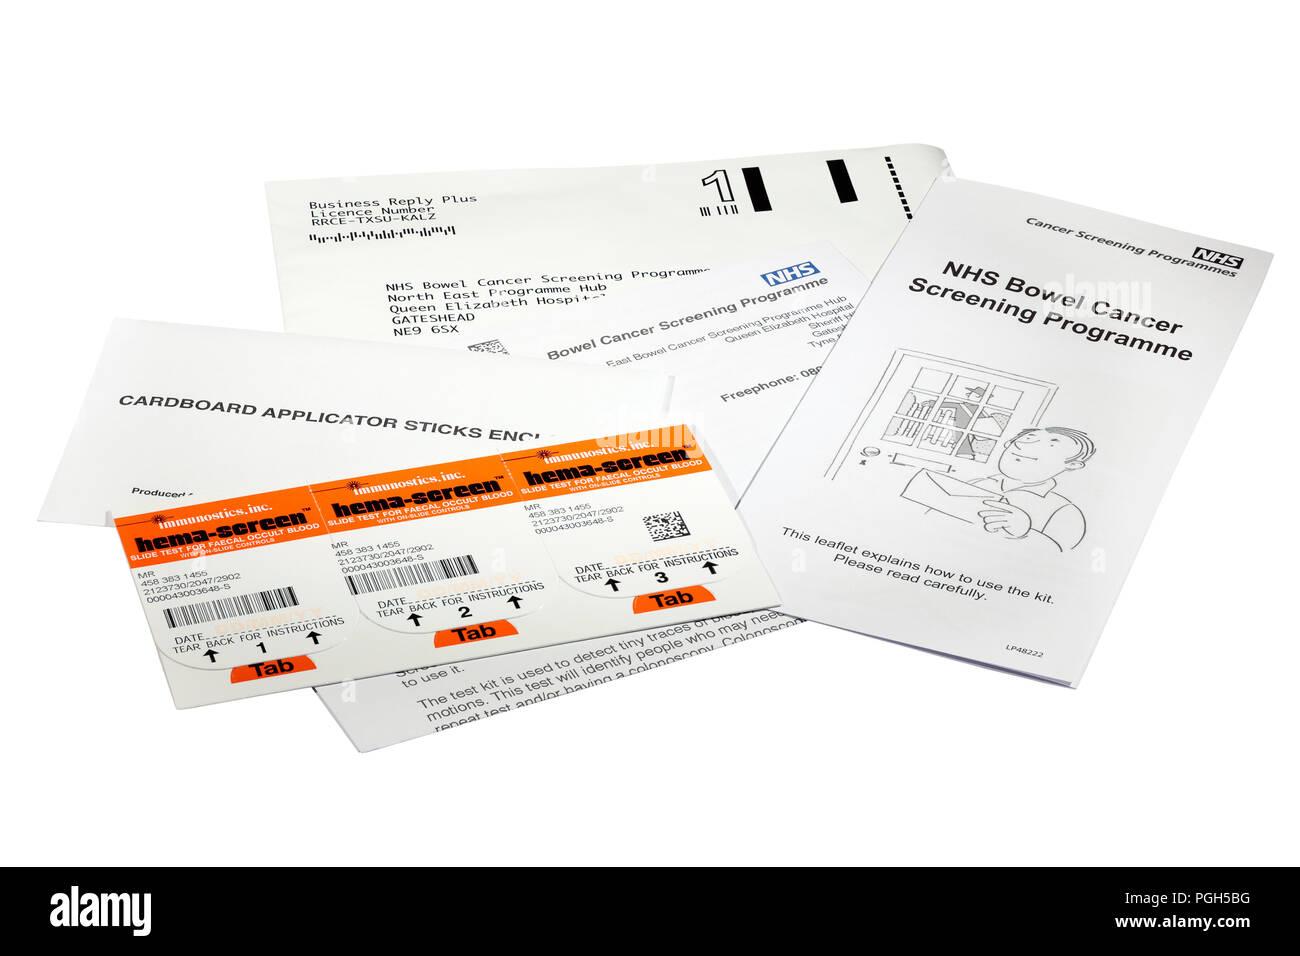 Immunostics. Inc. hema-Folie für okkultes Blut im Stuhl Darmkrebssiebung Stuhlprobe Karte von der NHS alle zwei Jahre zu über 60 Stockbild